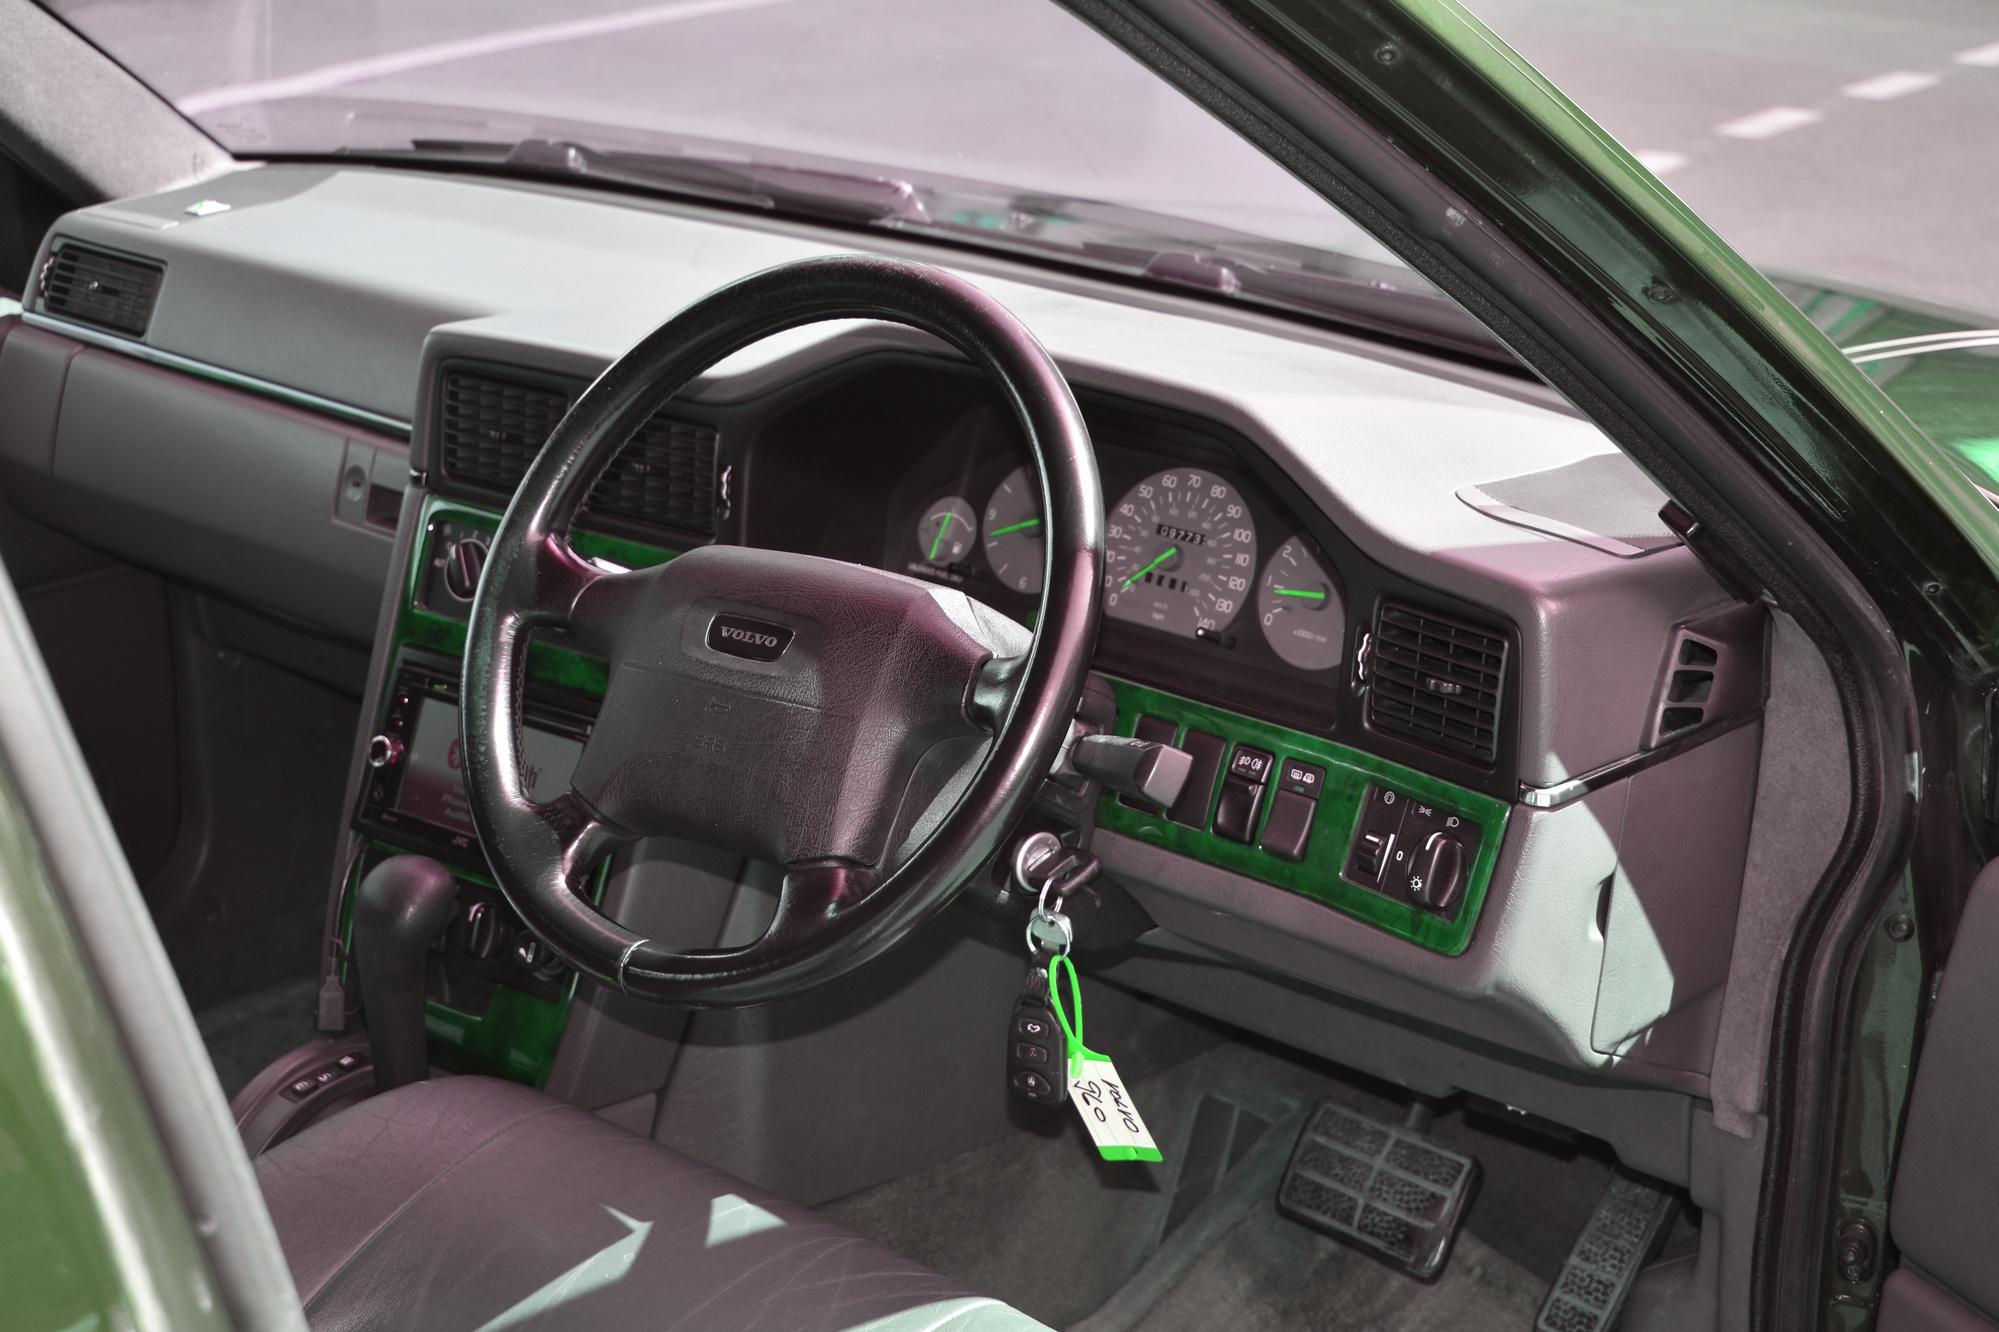 Fahrgastzelle einer Volvo 960 Stretch Limousine